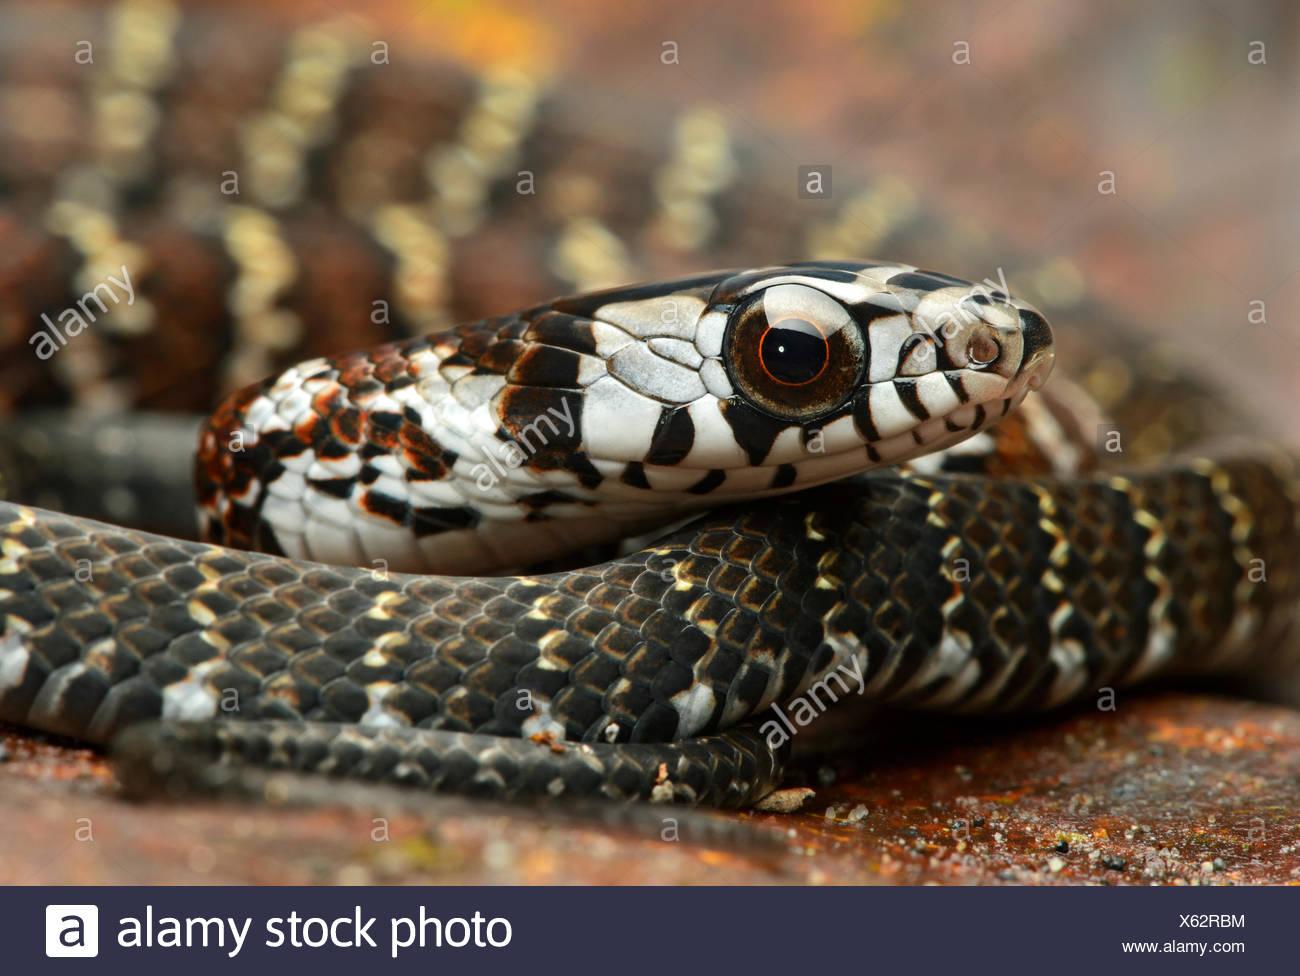 Bruno il corridore di foresta (Dendrophidion dendrophis), snake (Colubridae), la foresta pluviale amazzonica Yasuni National Park, Ecuador Immagini Stock